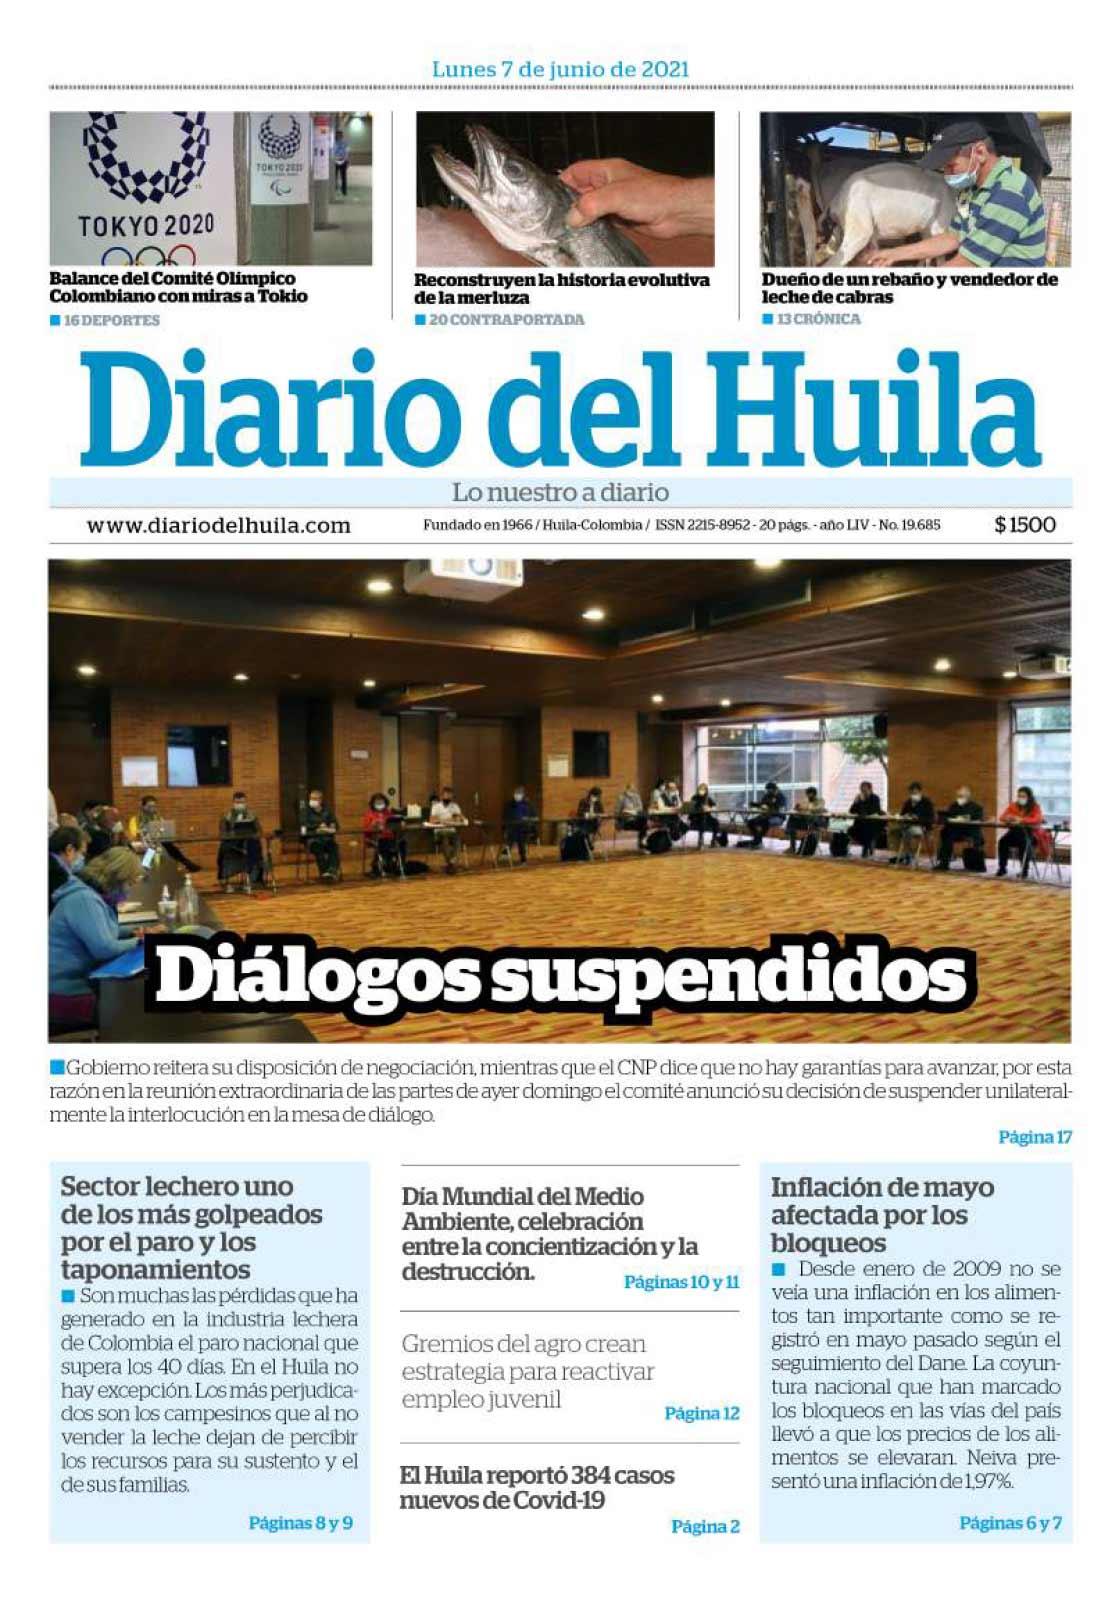 Diario del Huila 7 de junio de 2021